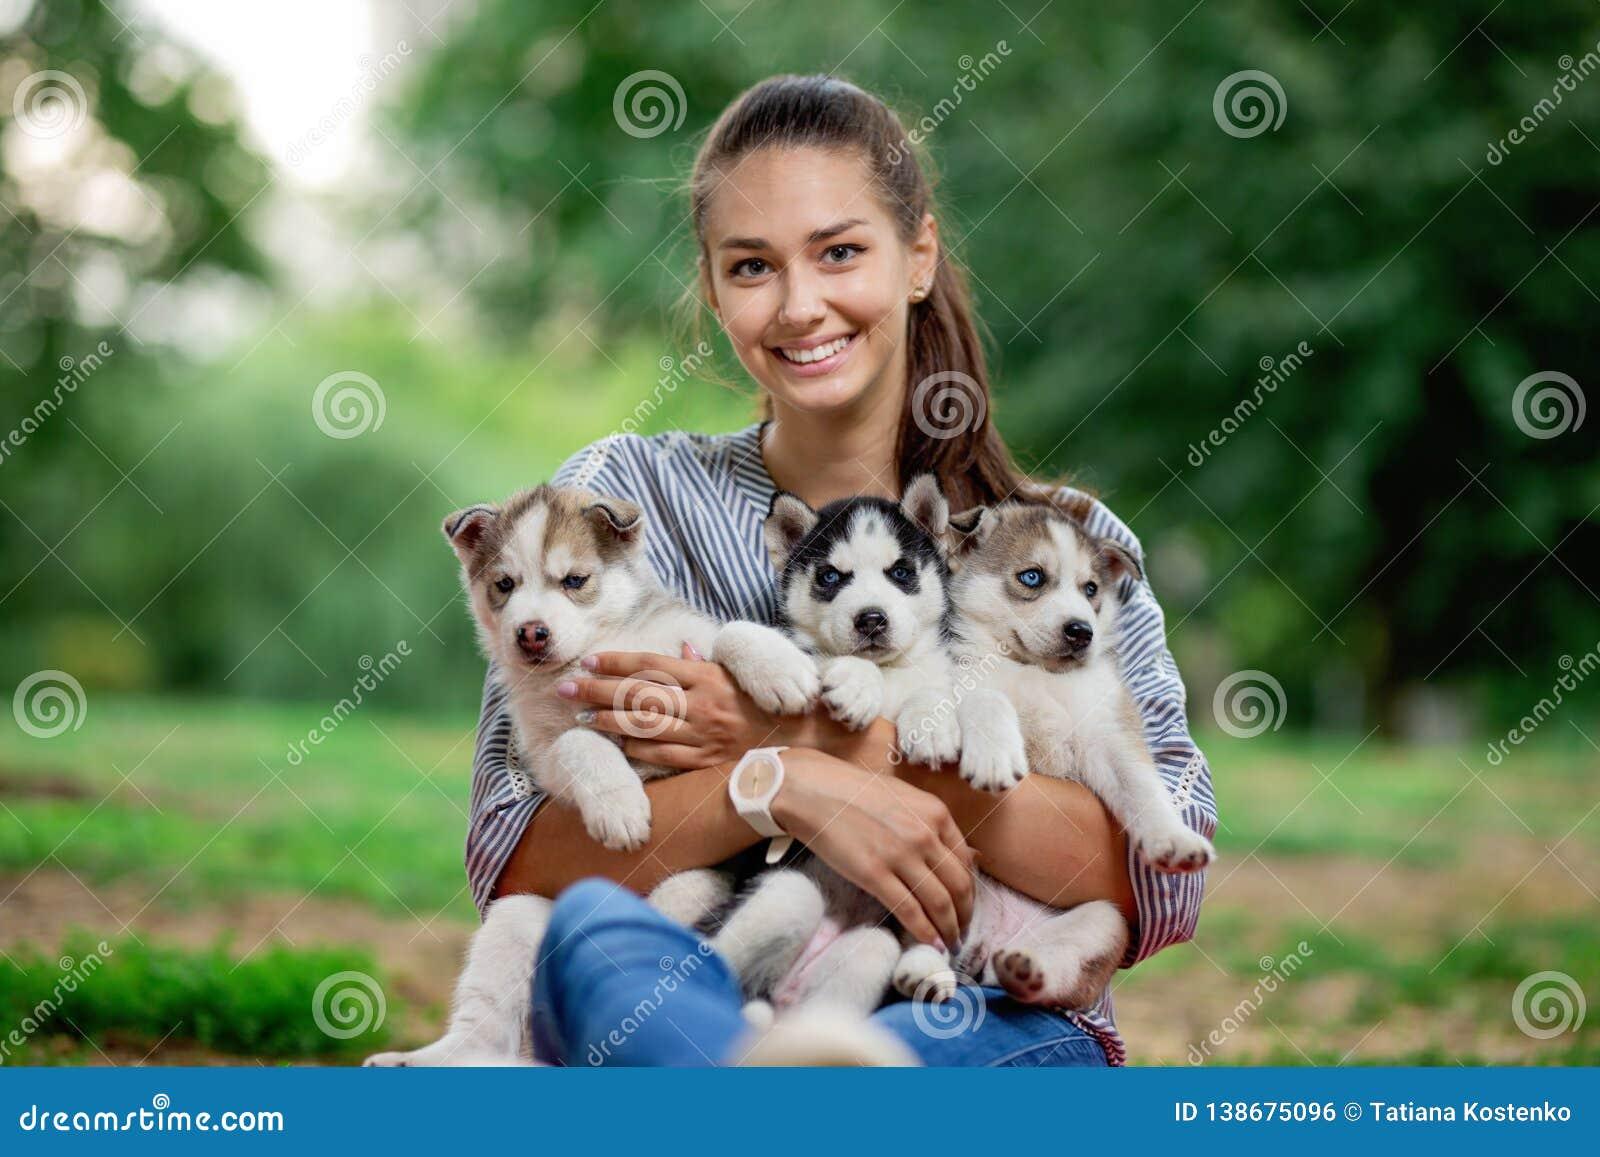 Uma mulher de sorriso bonita com um rabo de cavalo e vestir uma camisa listrada está guardando três cachorrinhos roncos doces no